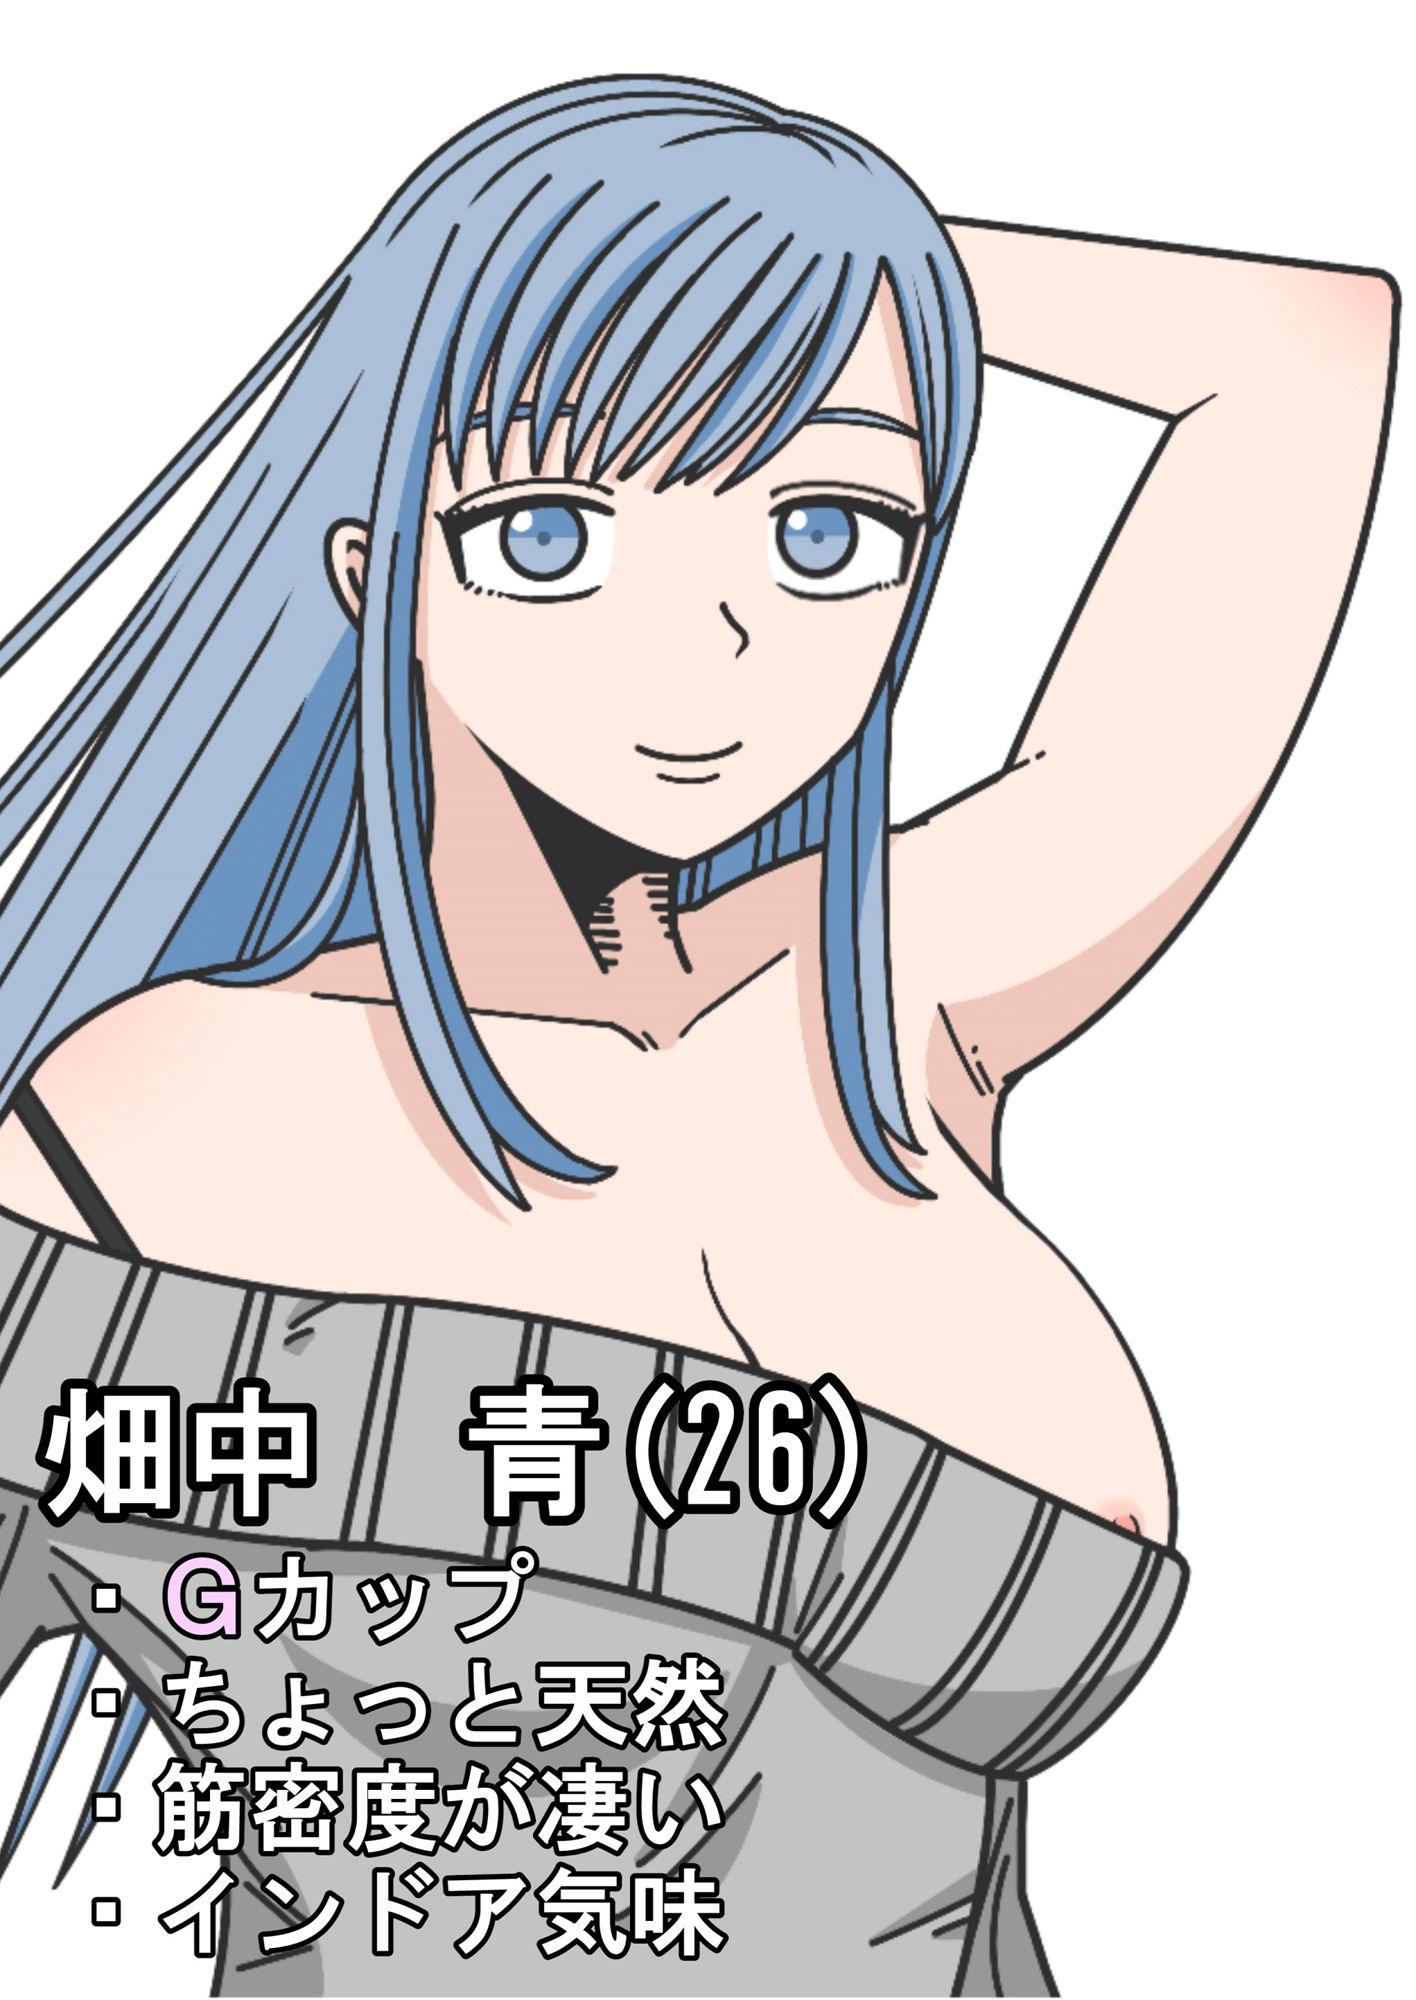 サンプル画像3:隣人のお姉さんは、なぜか服が脱げる(はいどらいど) [d_199737]